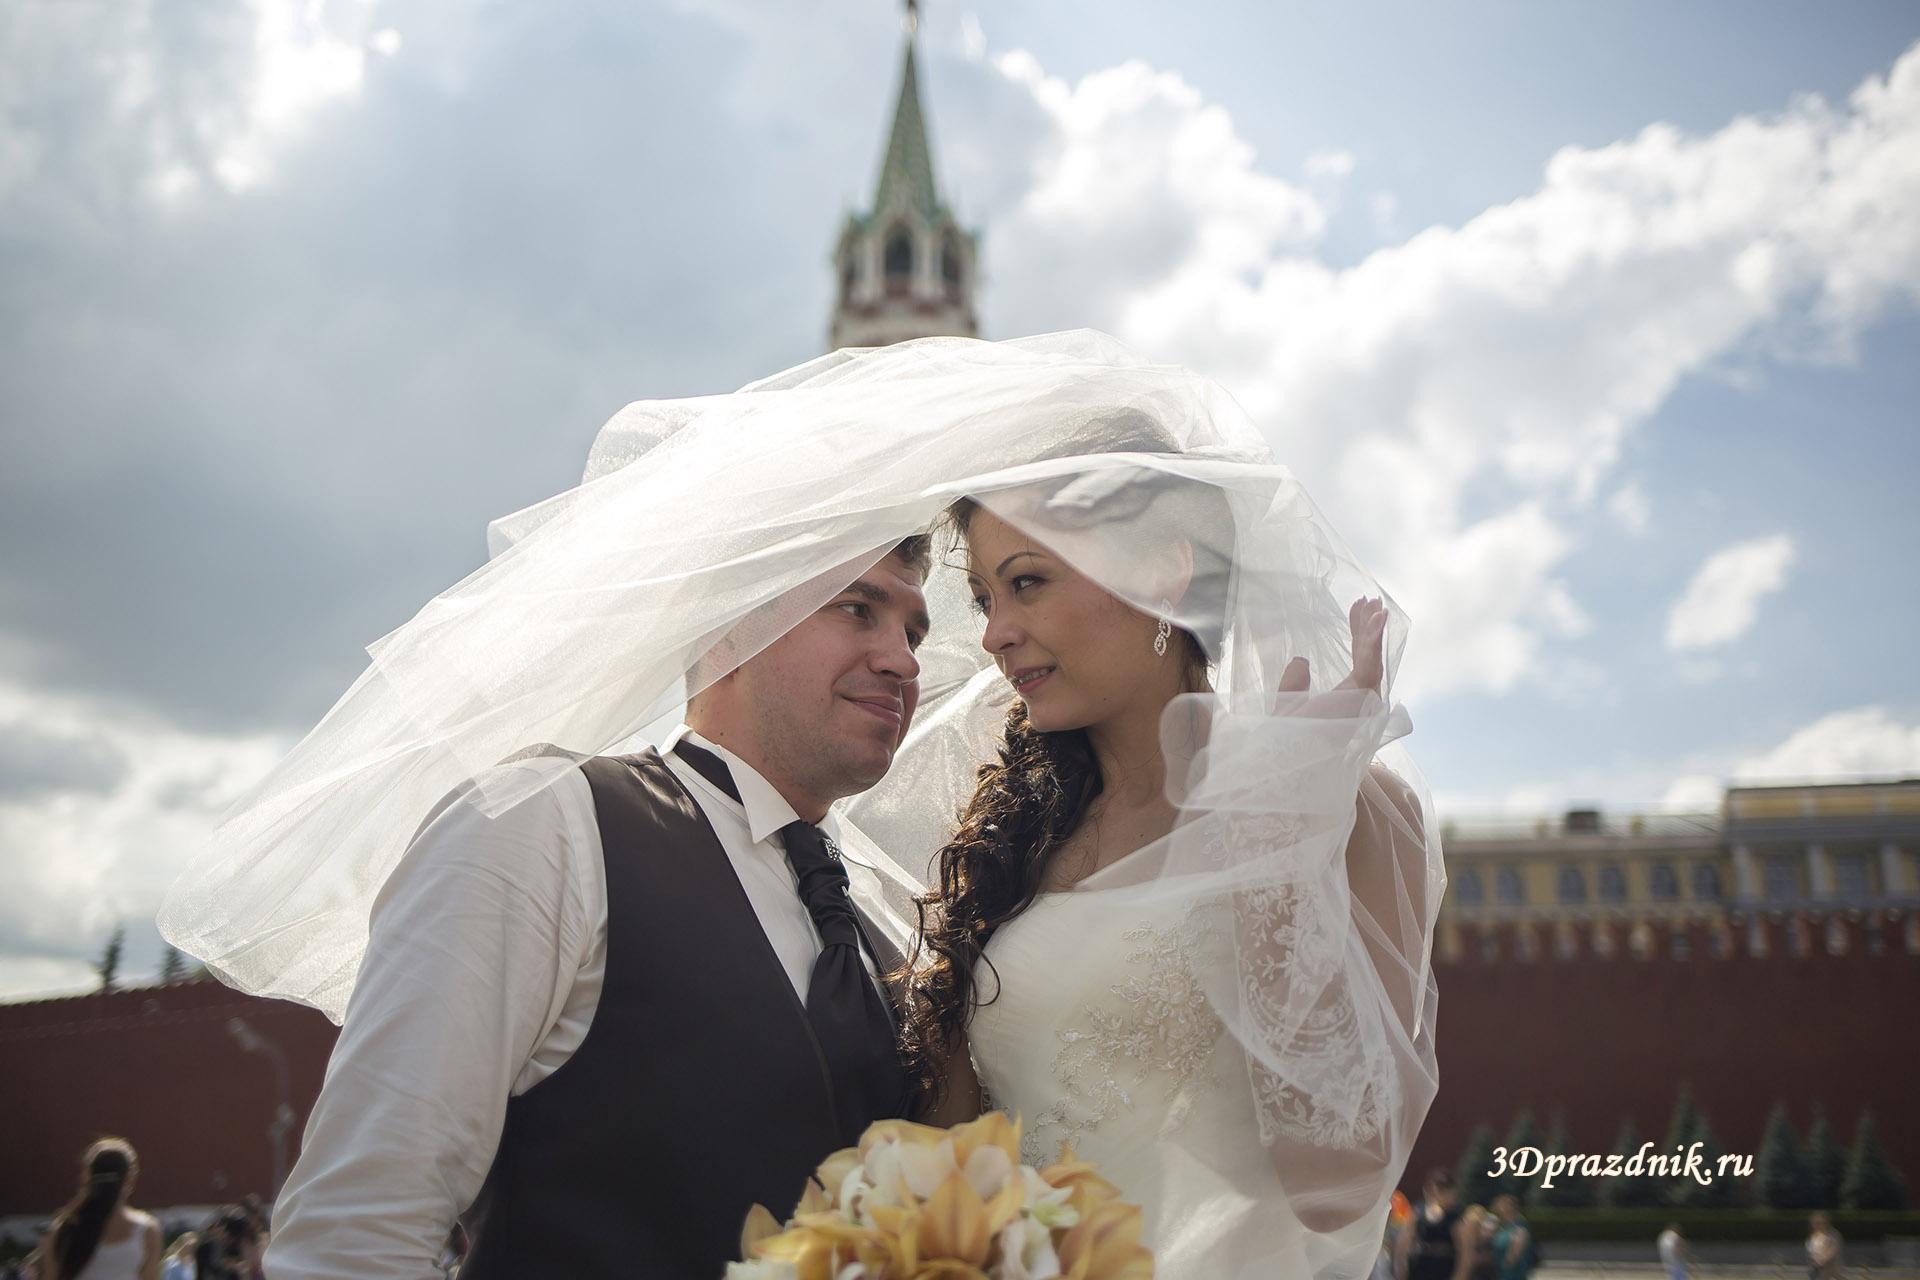 Владимир и Алла. Свадебная фата.